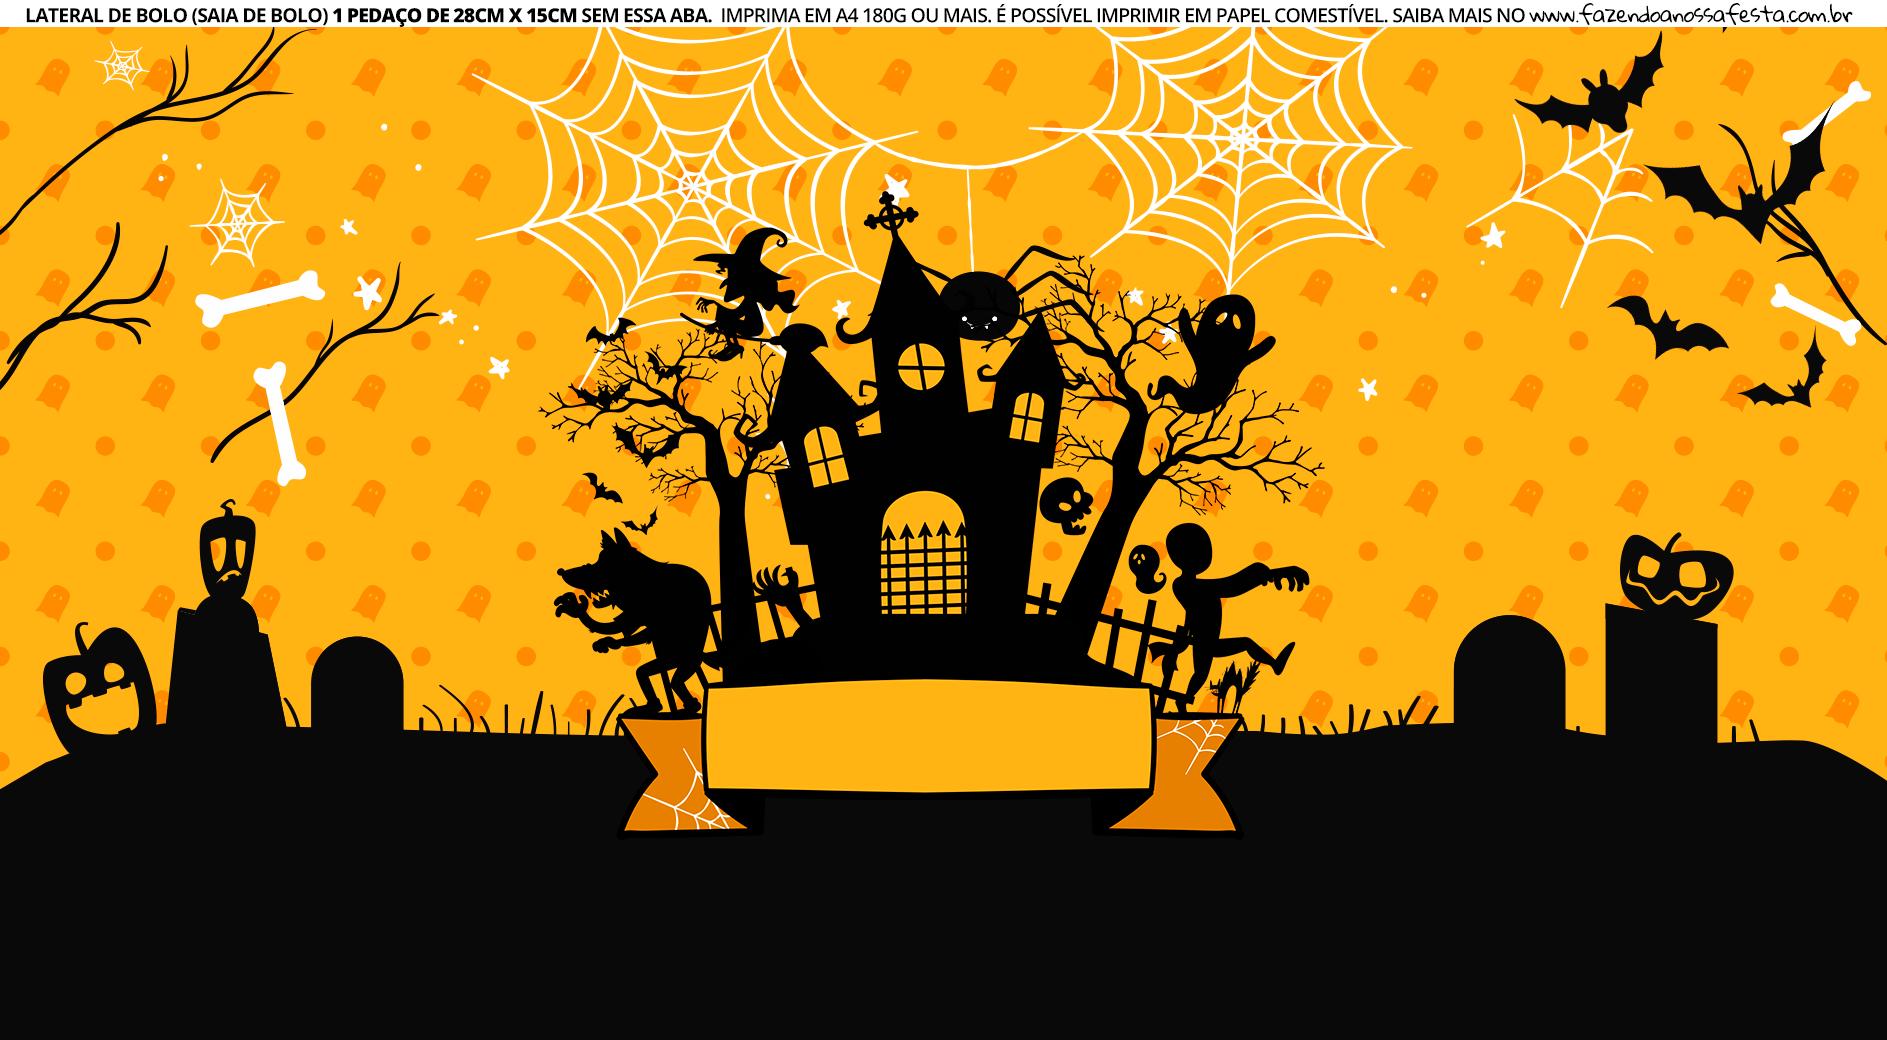 Faixa Lateral de Bolo Tema Halloween Castelo